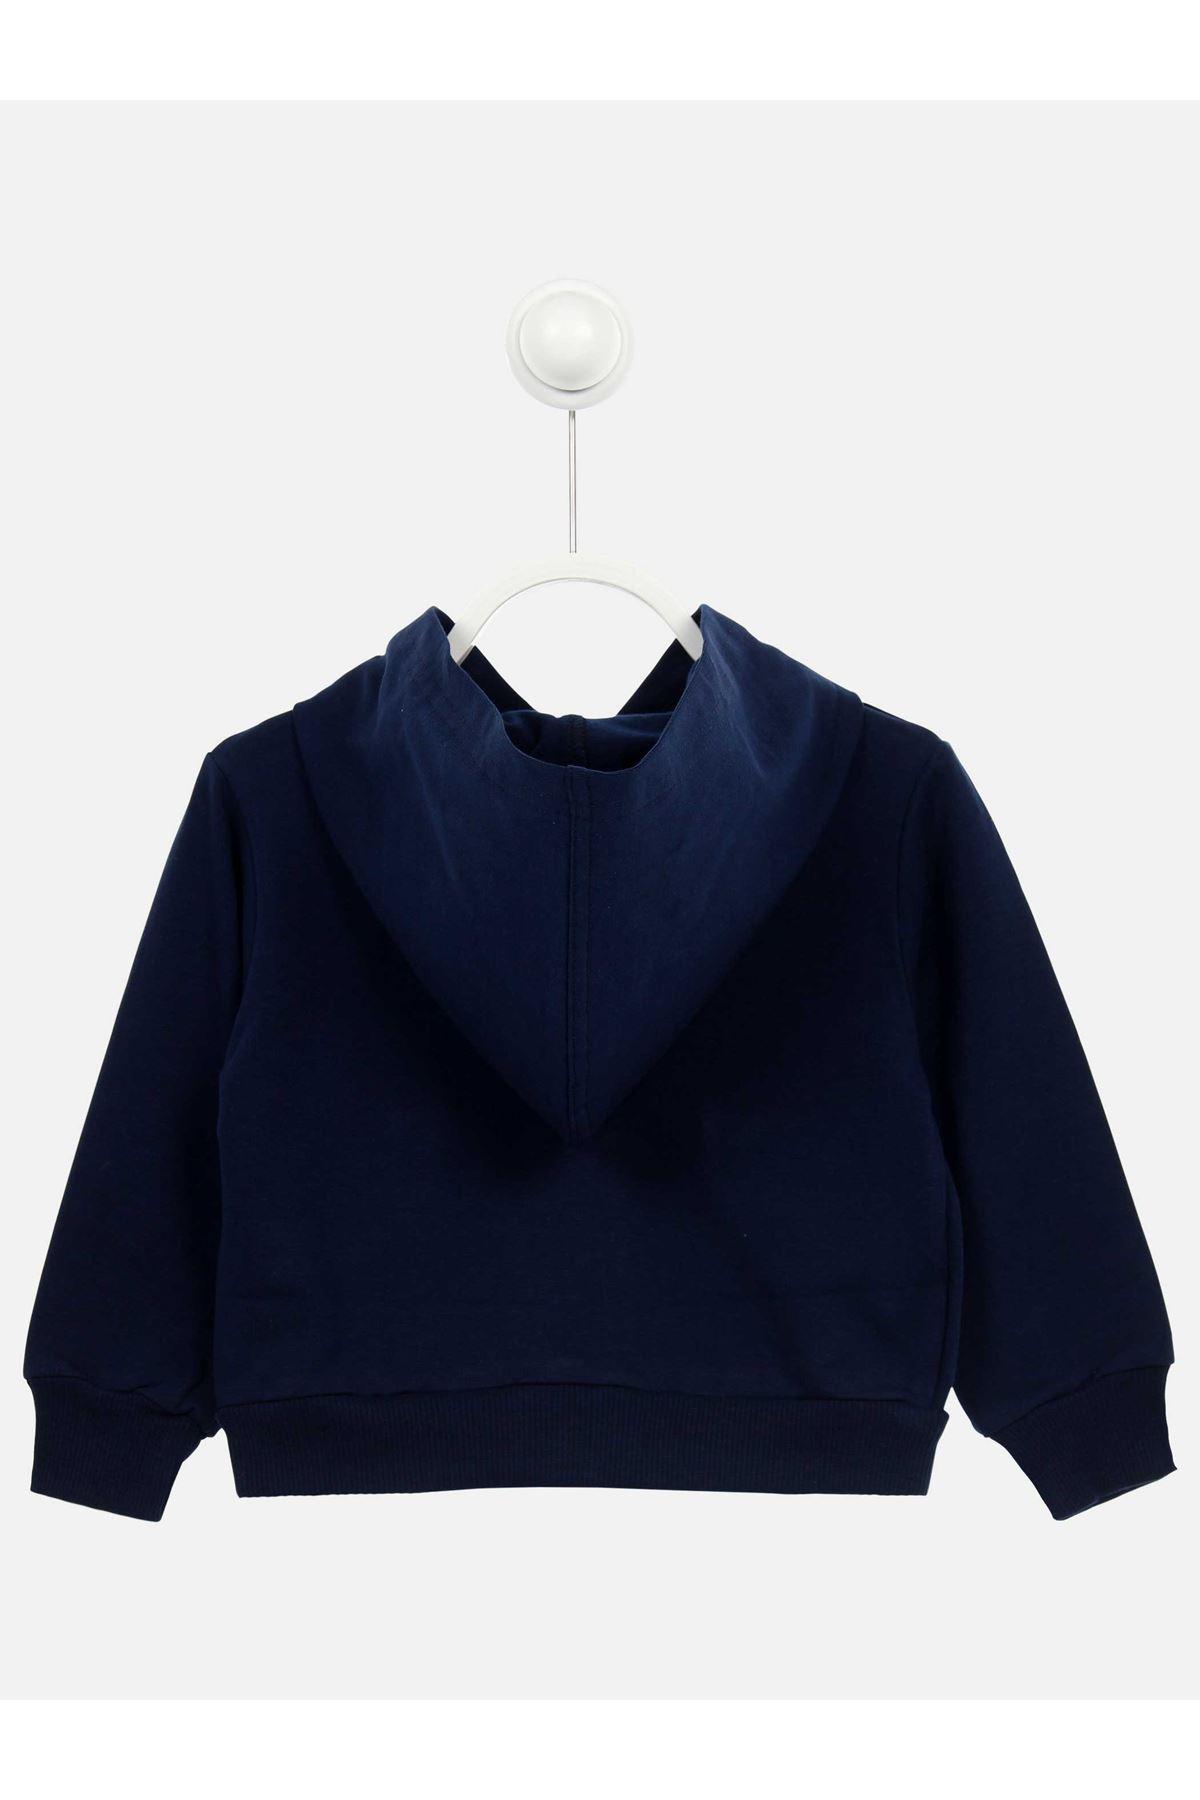 Navy Blue Seasonal Female Child Jacket